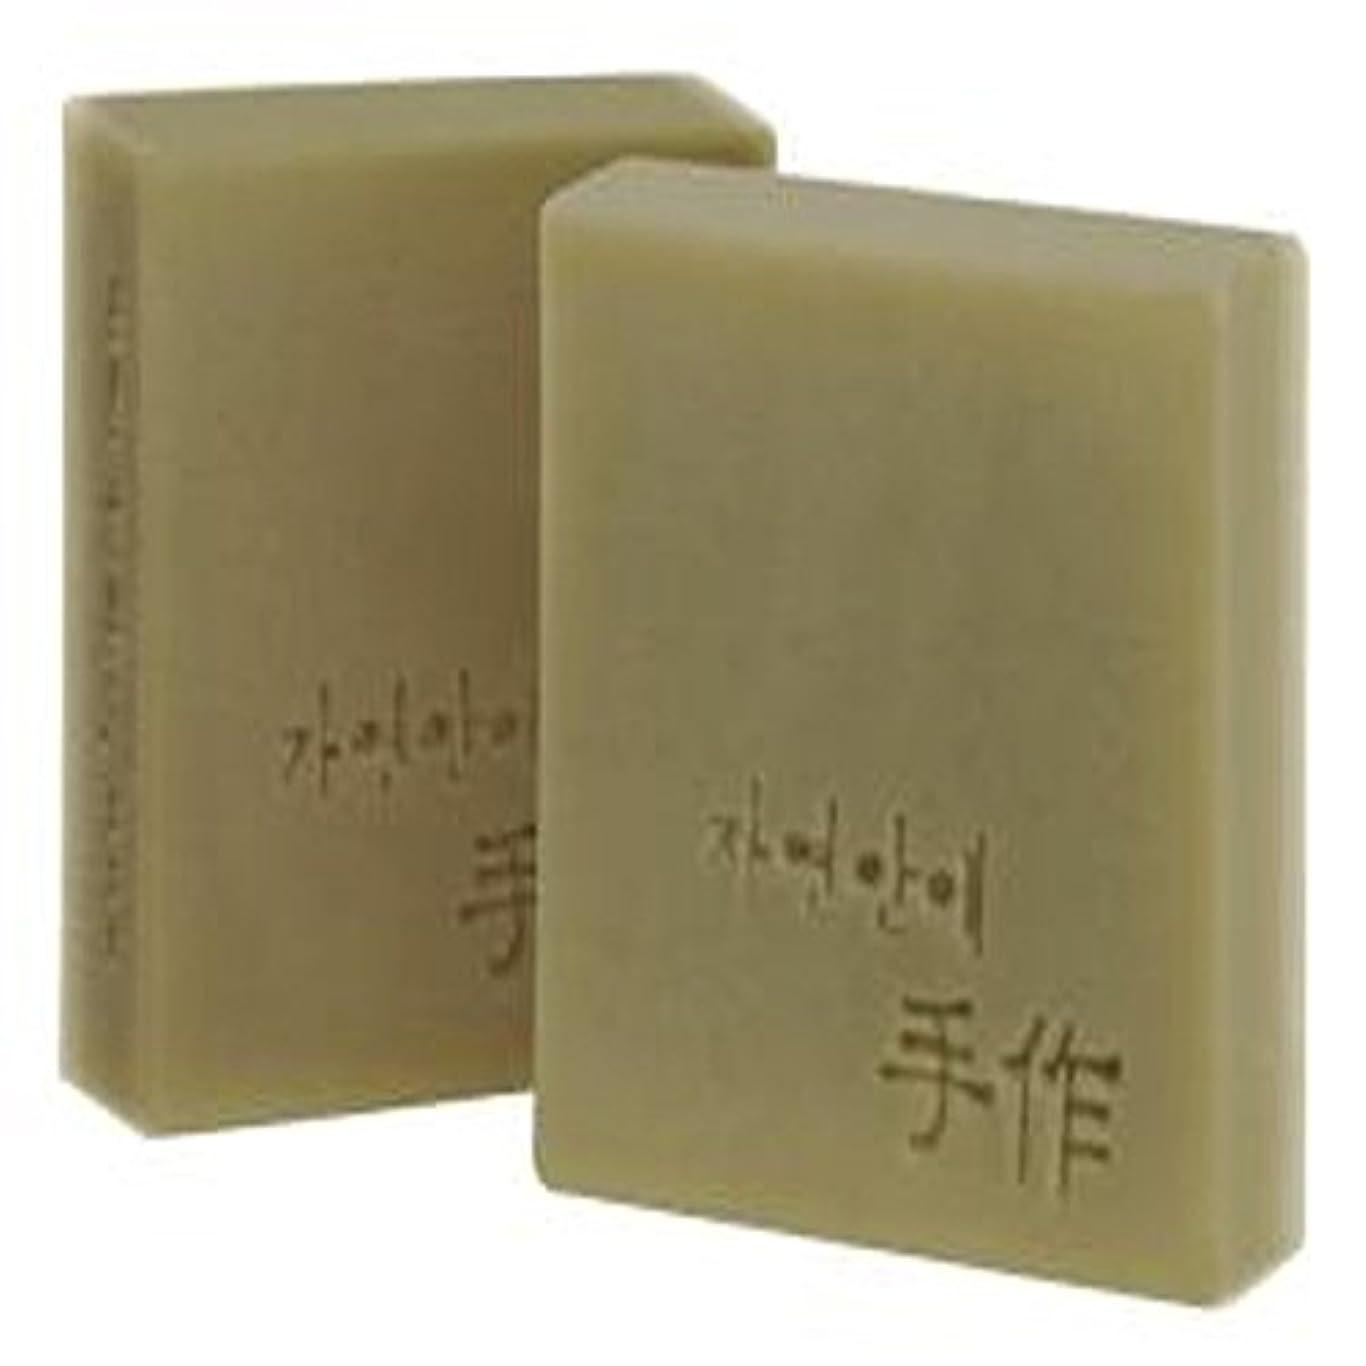 浮く主張するアウターNatural organic 有機天然ソープ 固形 無添加 洗顔せっけんクレンジング 石鹸 [並行輸入品] (アプリコット)